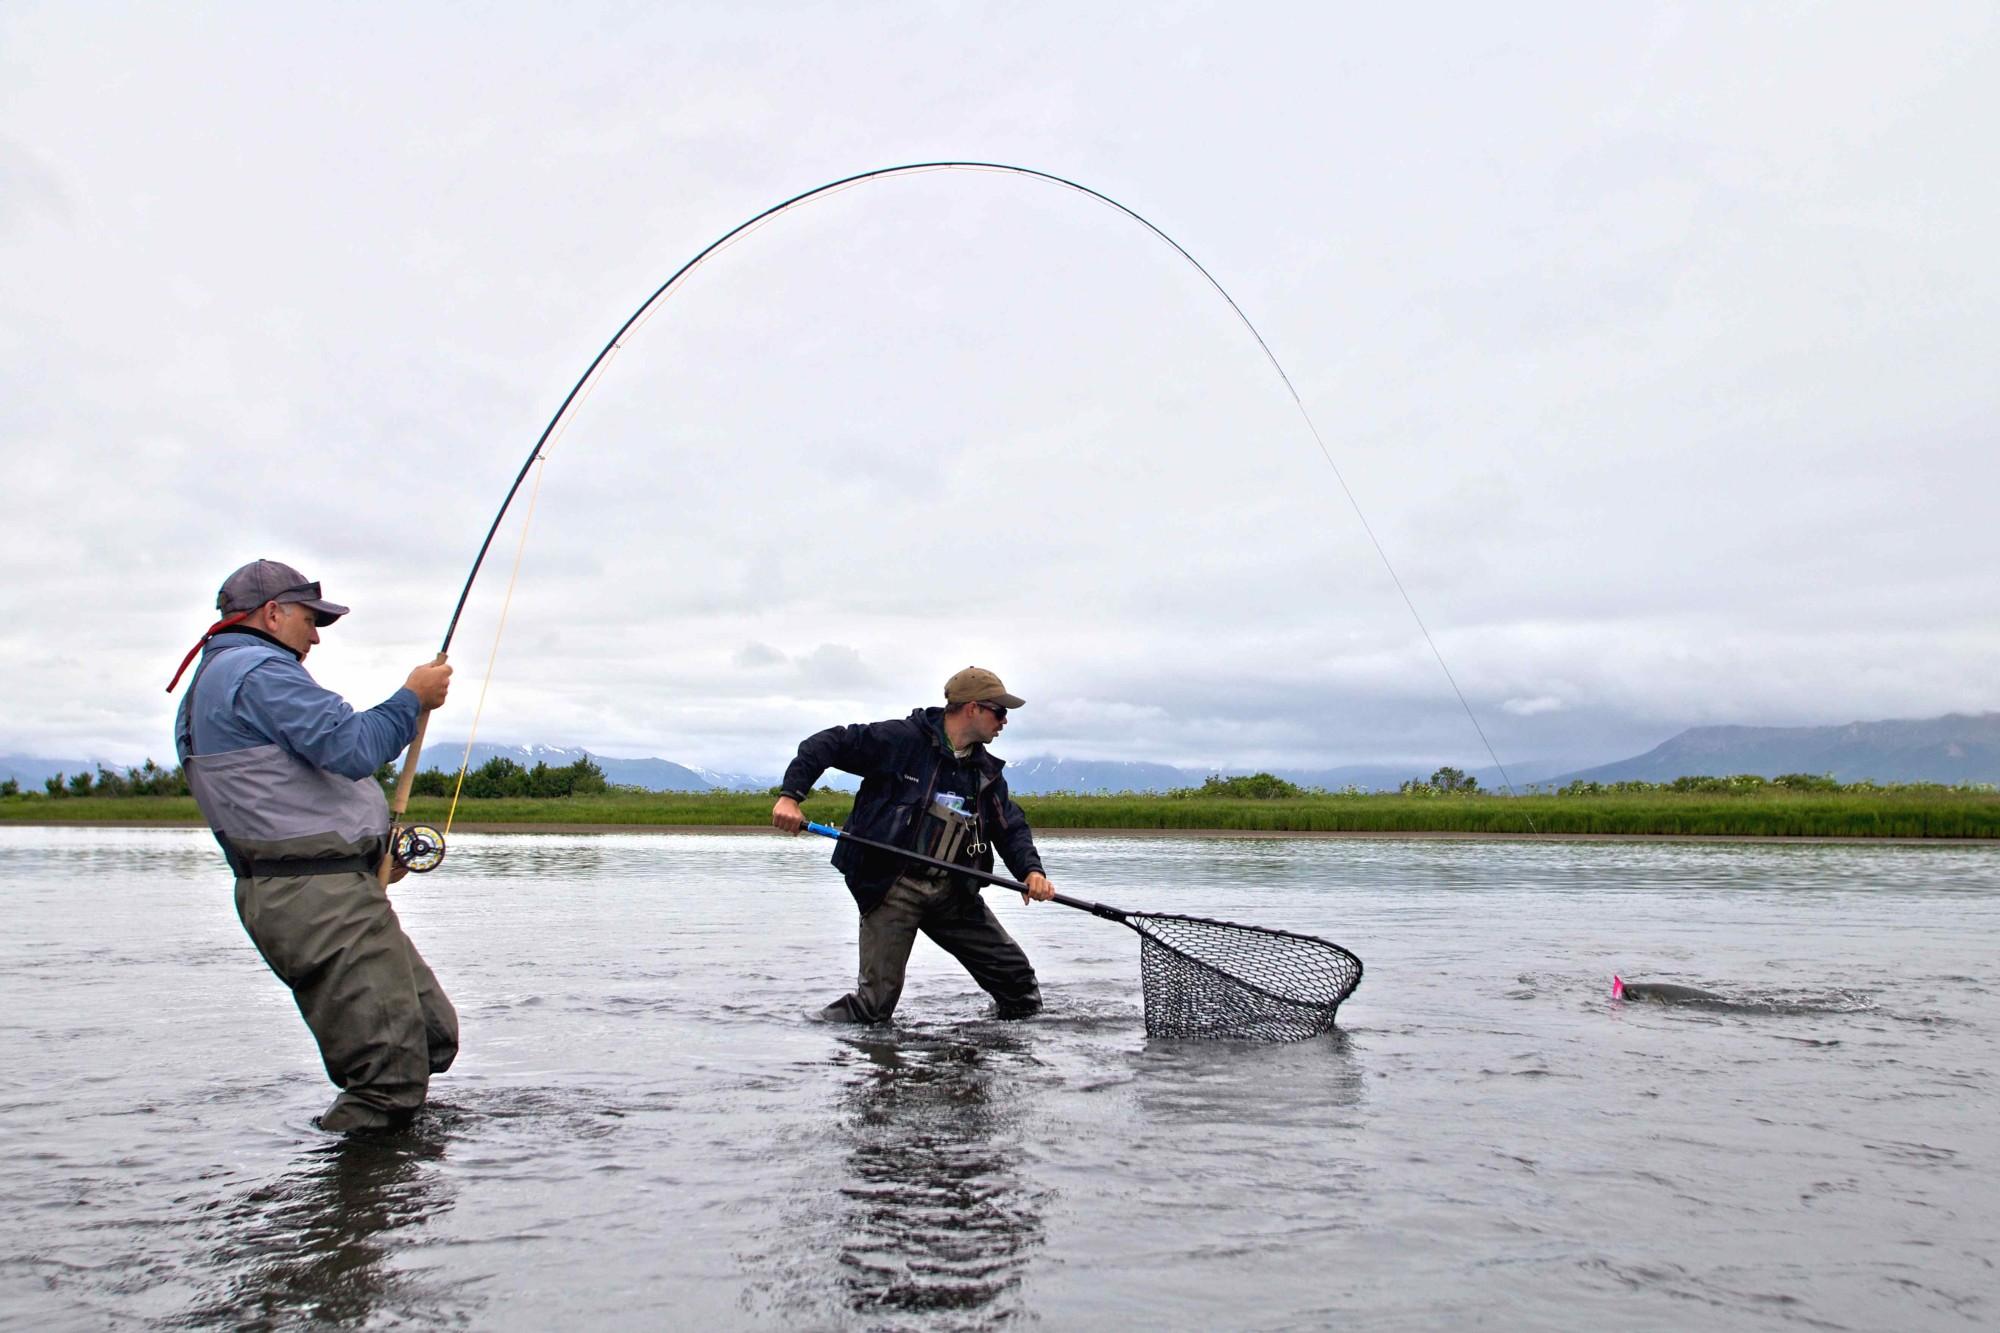 Fliegenfischen auf Königslachs, Michael Werner drillt, die 10er Zweihandrute verbeugt sich tief, hoffentlich hält das 0,45er Vorfach.